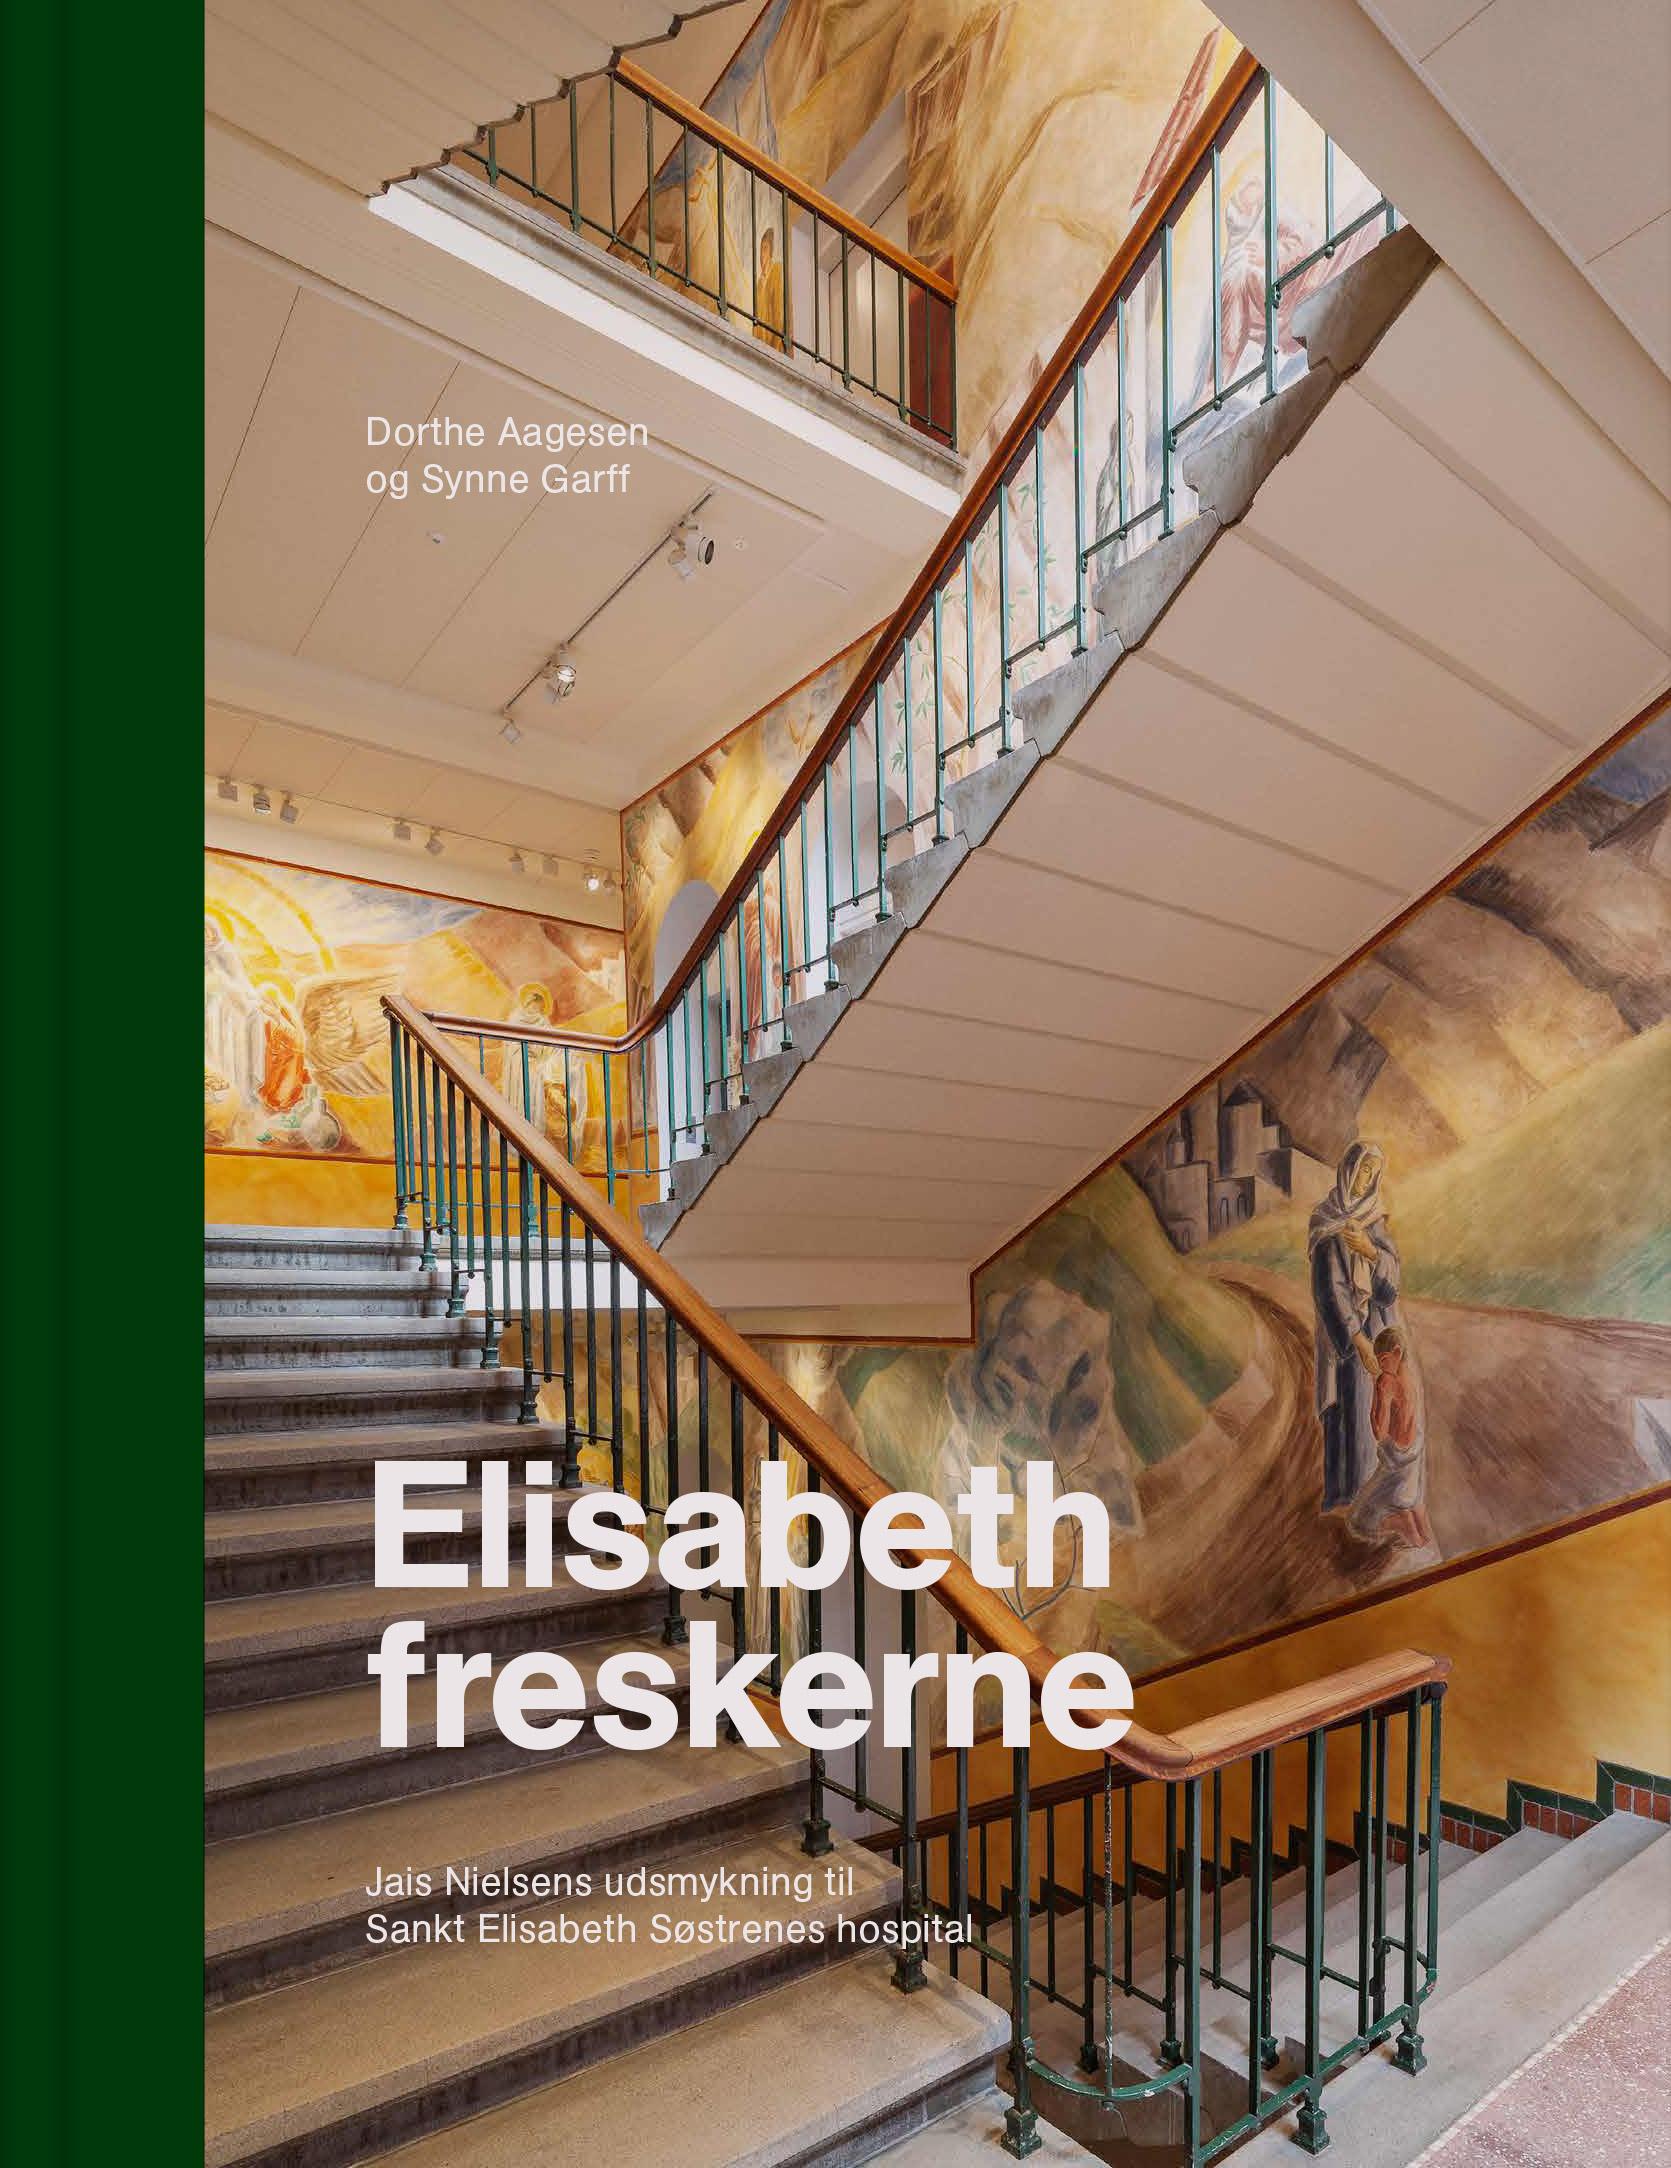 Elisabeth-freskerne